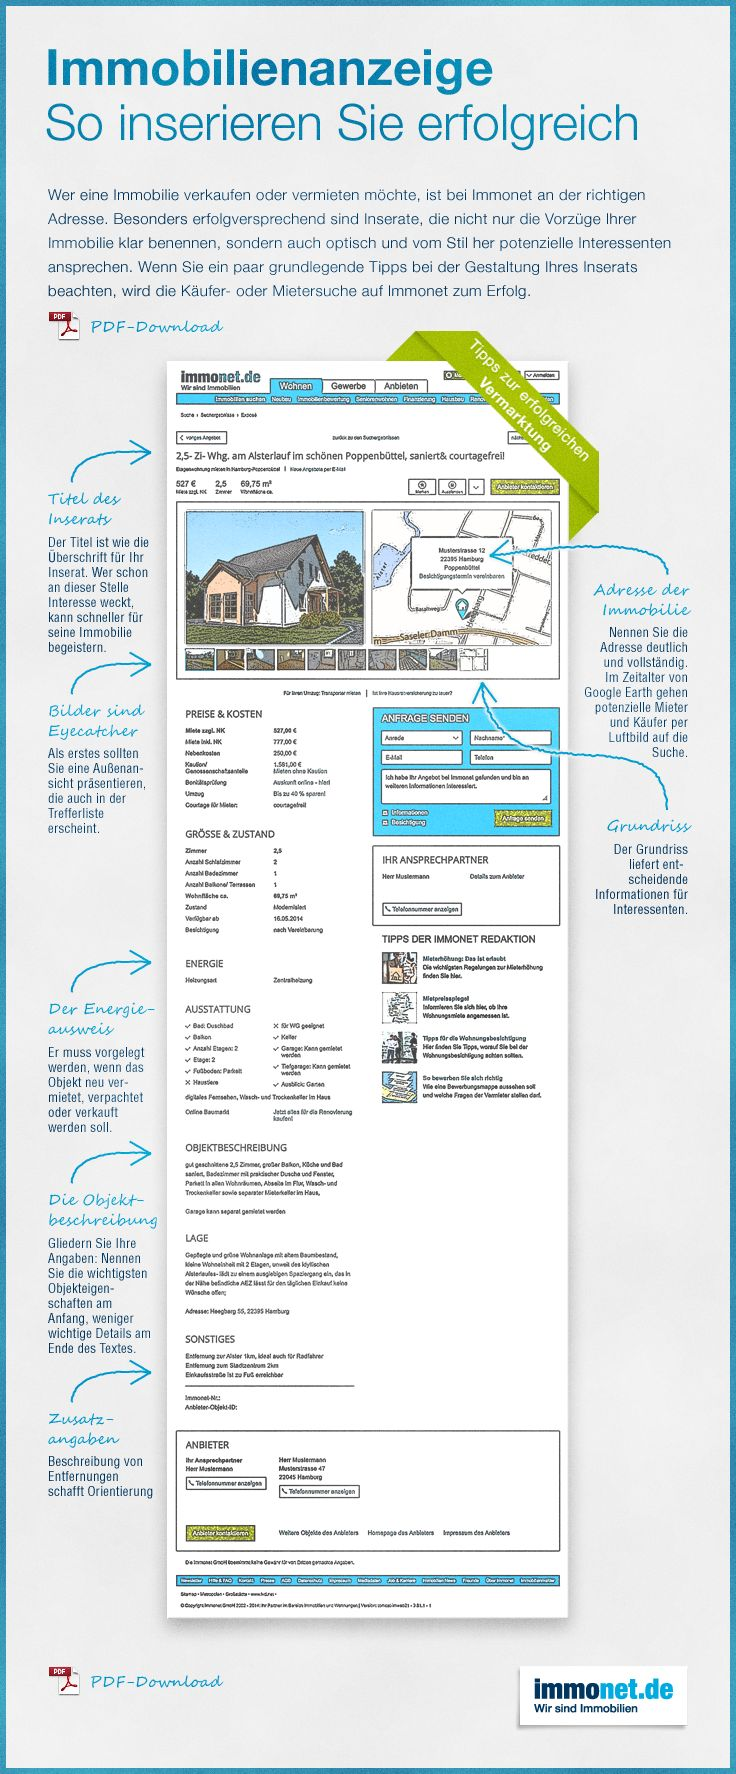 Hier http://www.immonet.de/service/checkliste-immobilienanzeige.html finden Sie mehr Infos http://www.immonet.de/service/checkliste-immobilienanzeige.html Checkliste, Infografik, Immobilie vermarkten, Haus verkaufen, Wohnung verkaufen, vermieten, Tipps, Immobilienanzeige, Inserat, Käufer- und Mietersuche, #immonet hat die Tipps